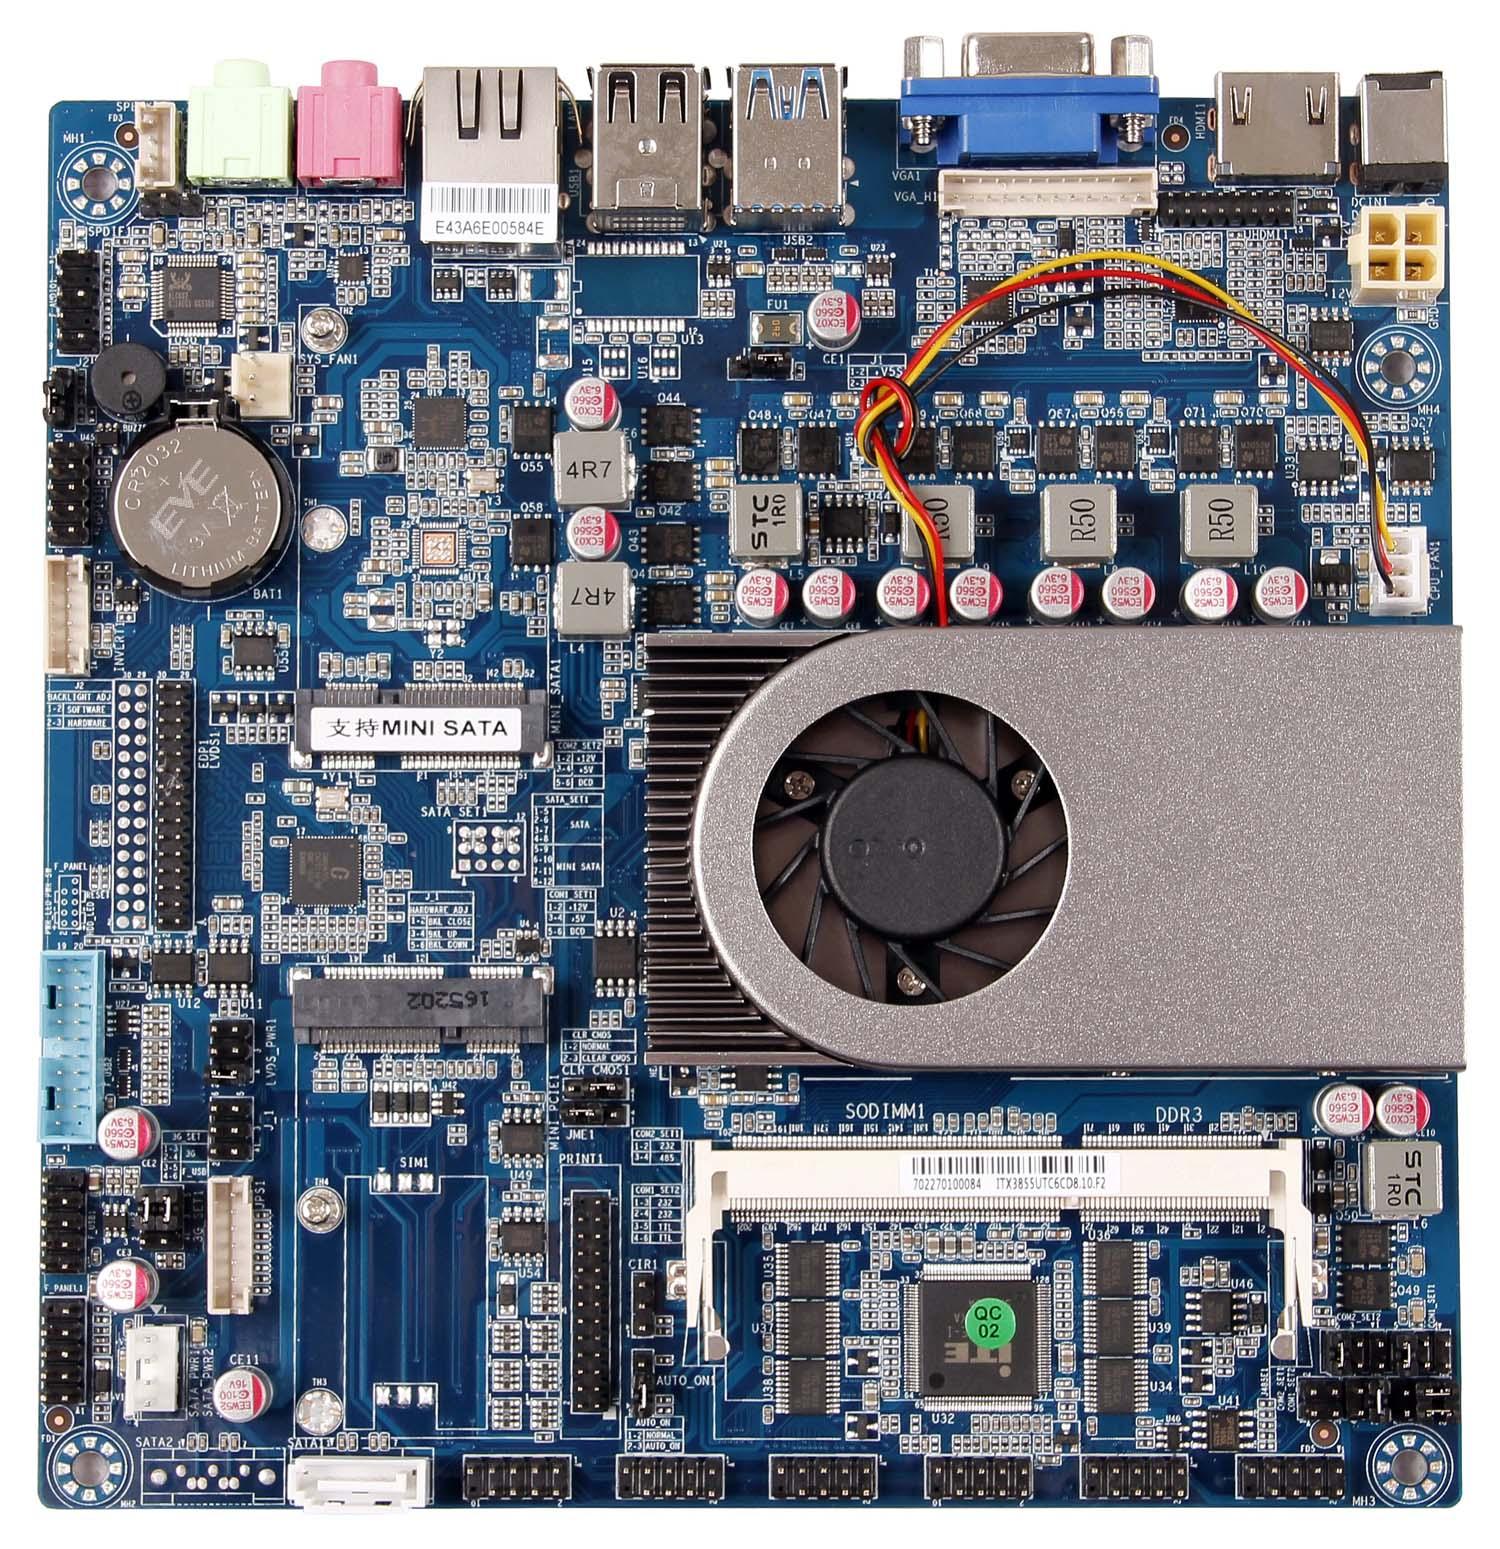 ITX-3855UT-6CD8